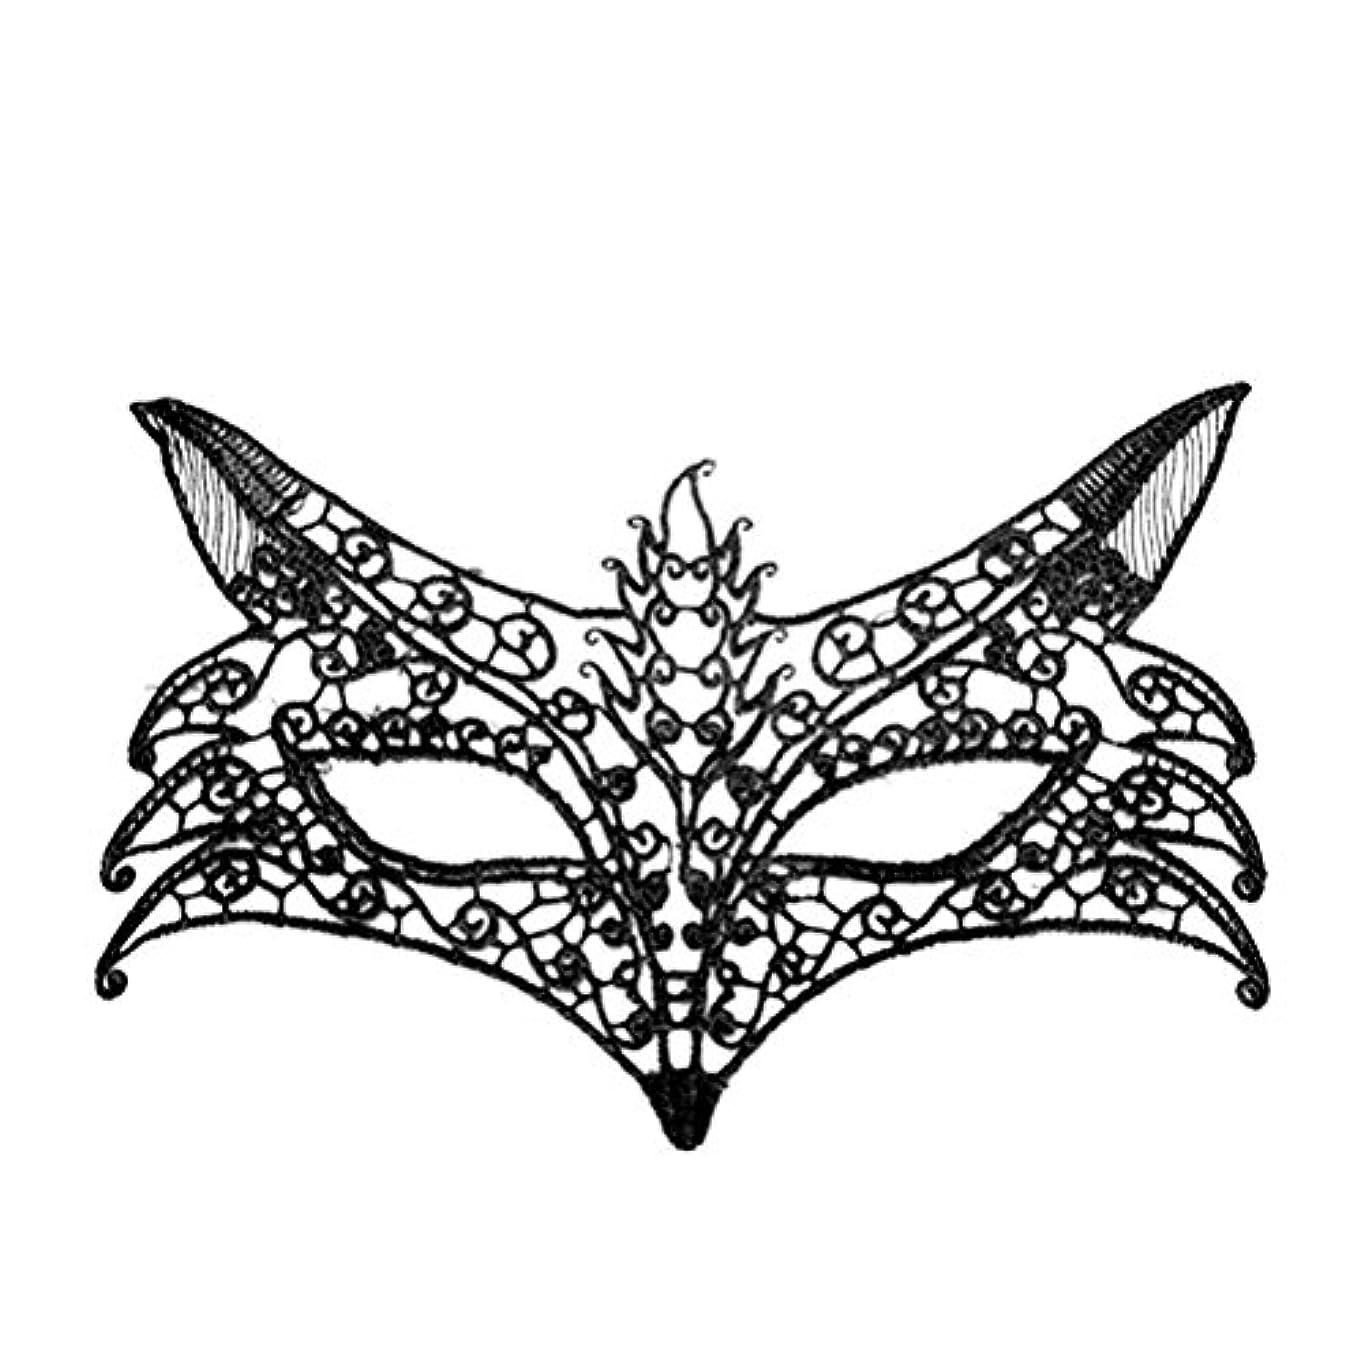 鉱石野心的ラフトAMOSFUN キツネの形をしたレースパーティーマスクイブニングパーティーウエディングマスカレードマスク(ブラック)